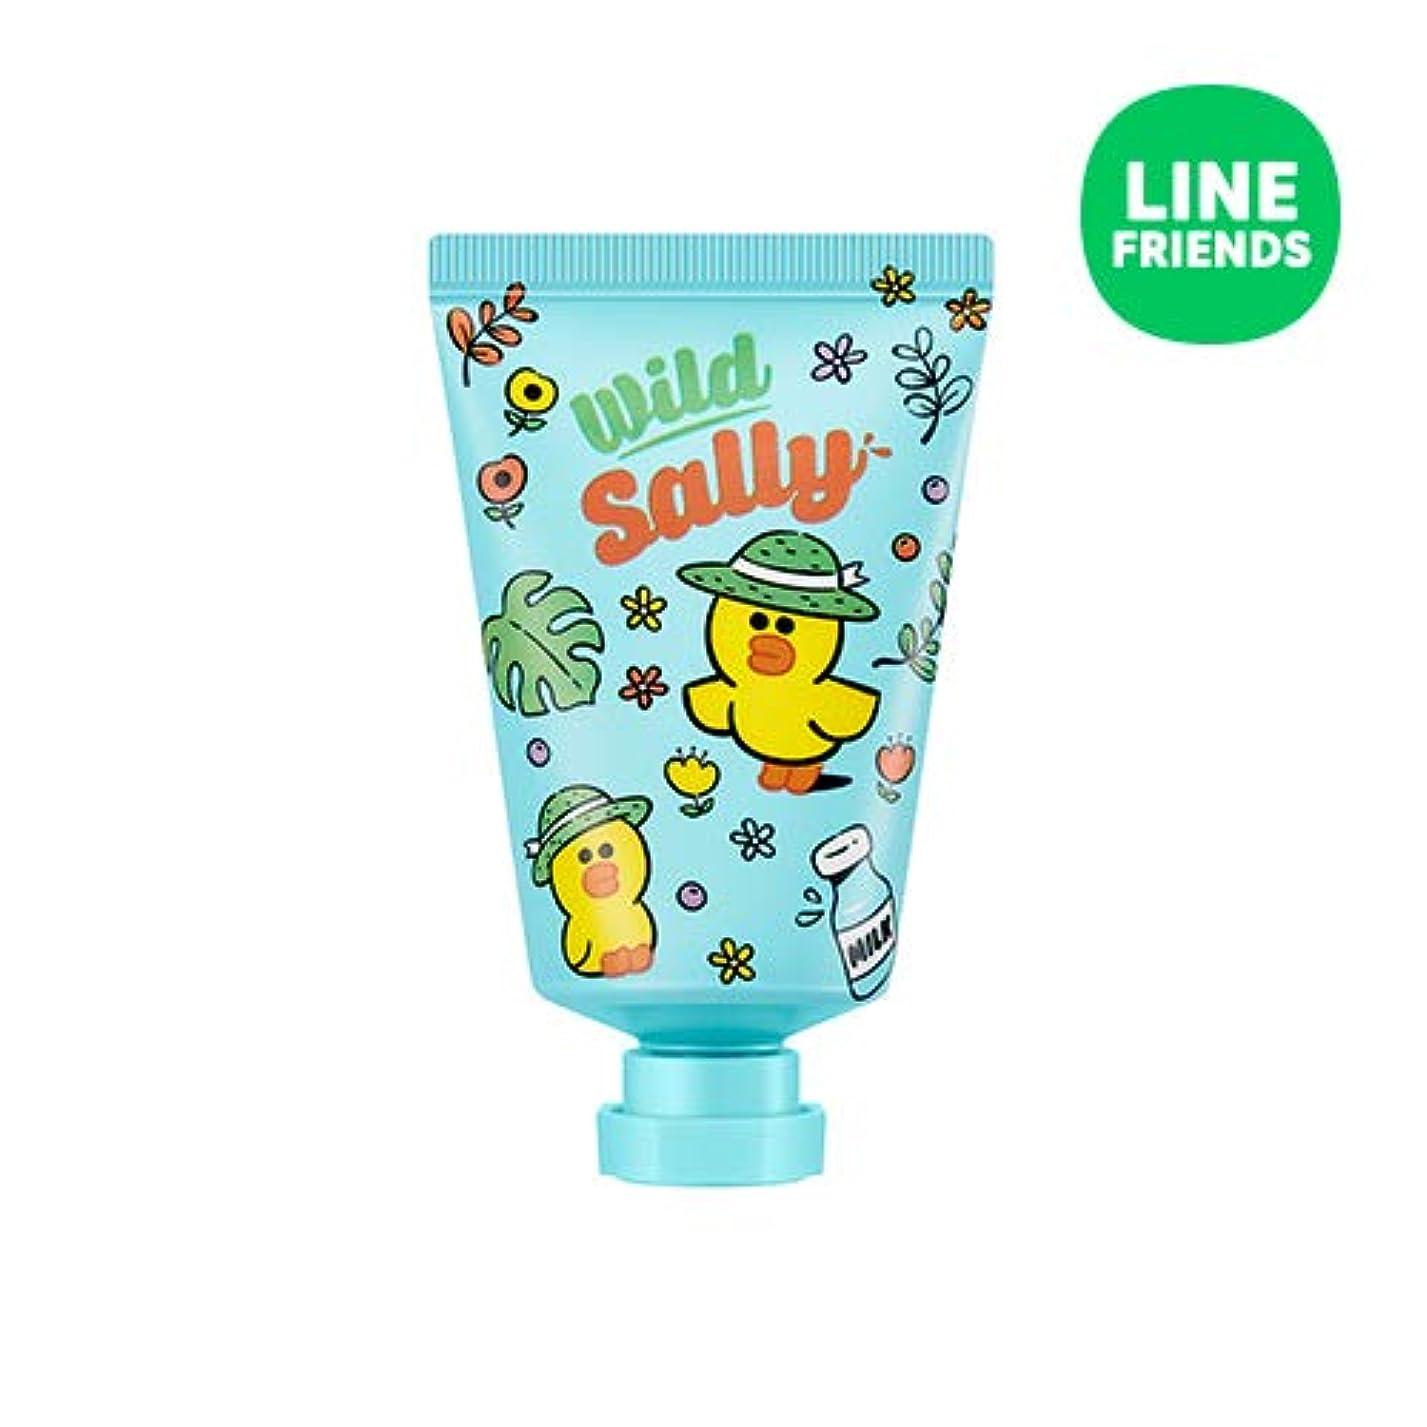 エキゾチック避難エンターテインメントミシャ(ラインフレンズ)ラブシークレットハンドクリーム 30ml MISSHA [Line Friends Edition] Love Secret Hand Cream - Sally # Cotton White [...